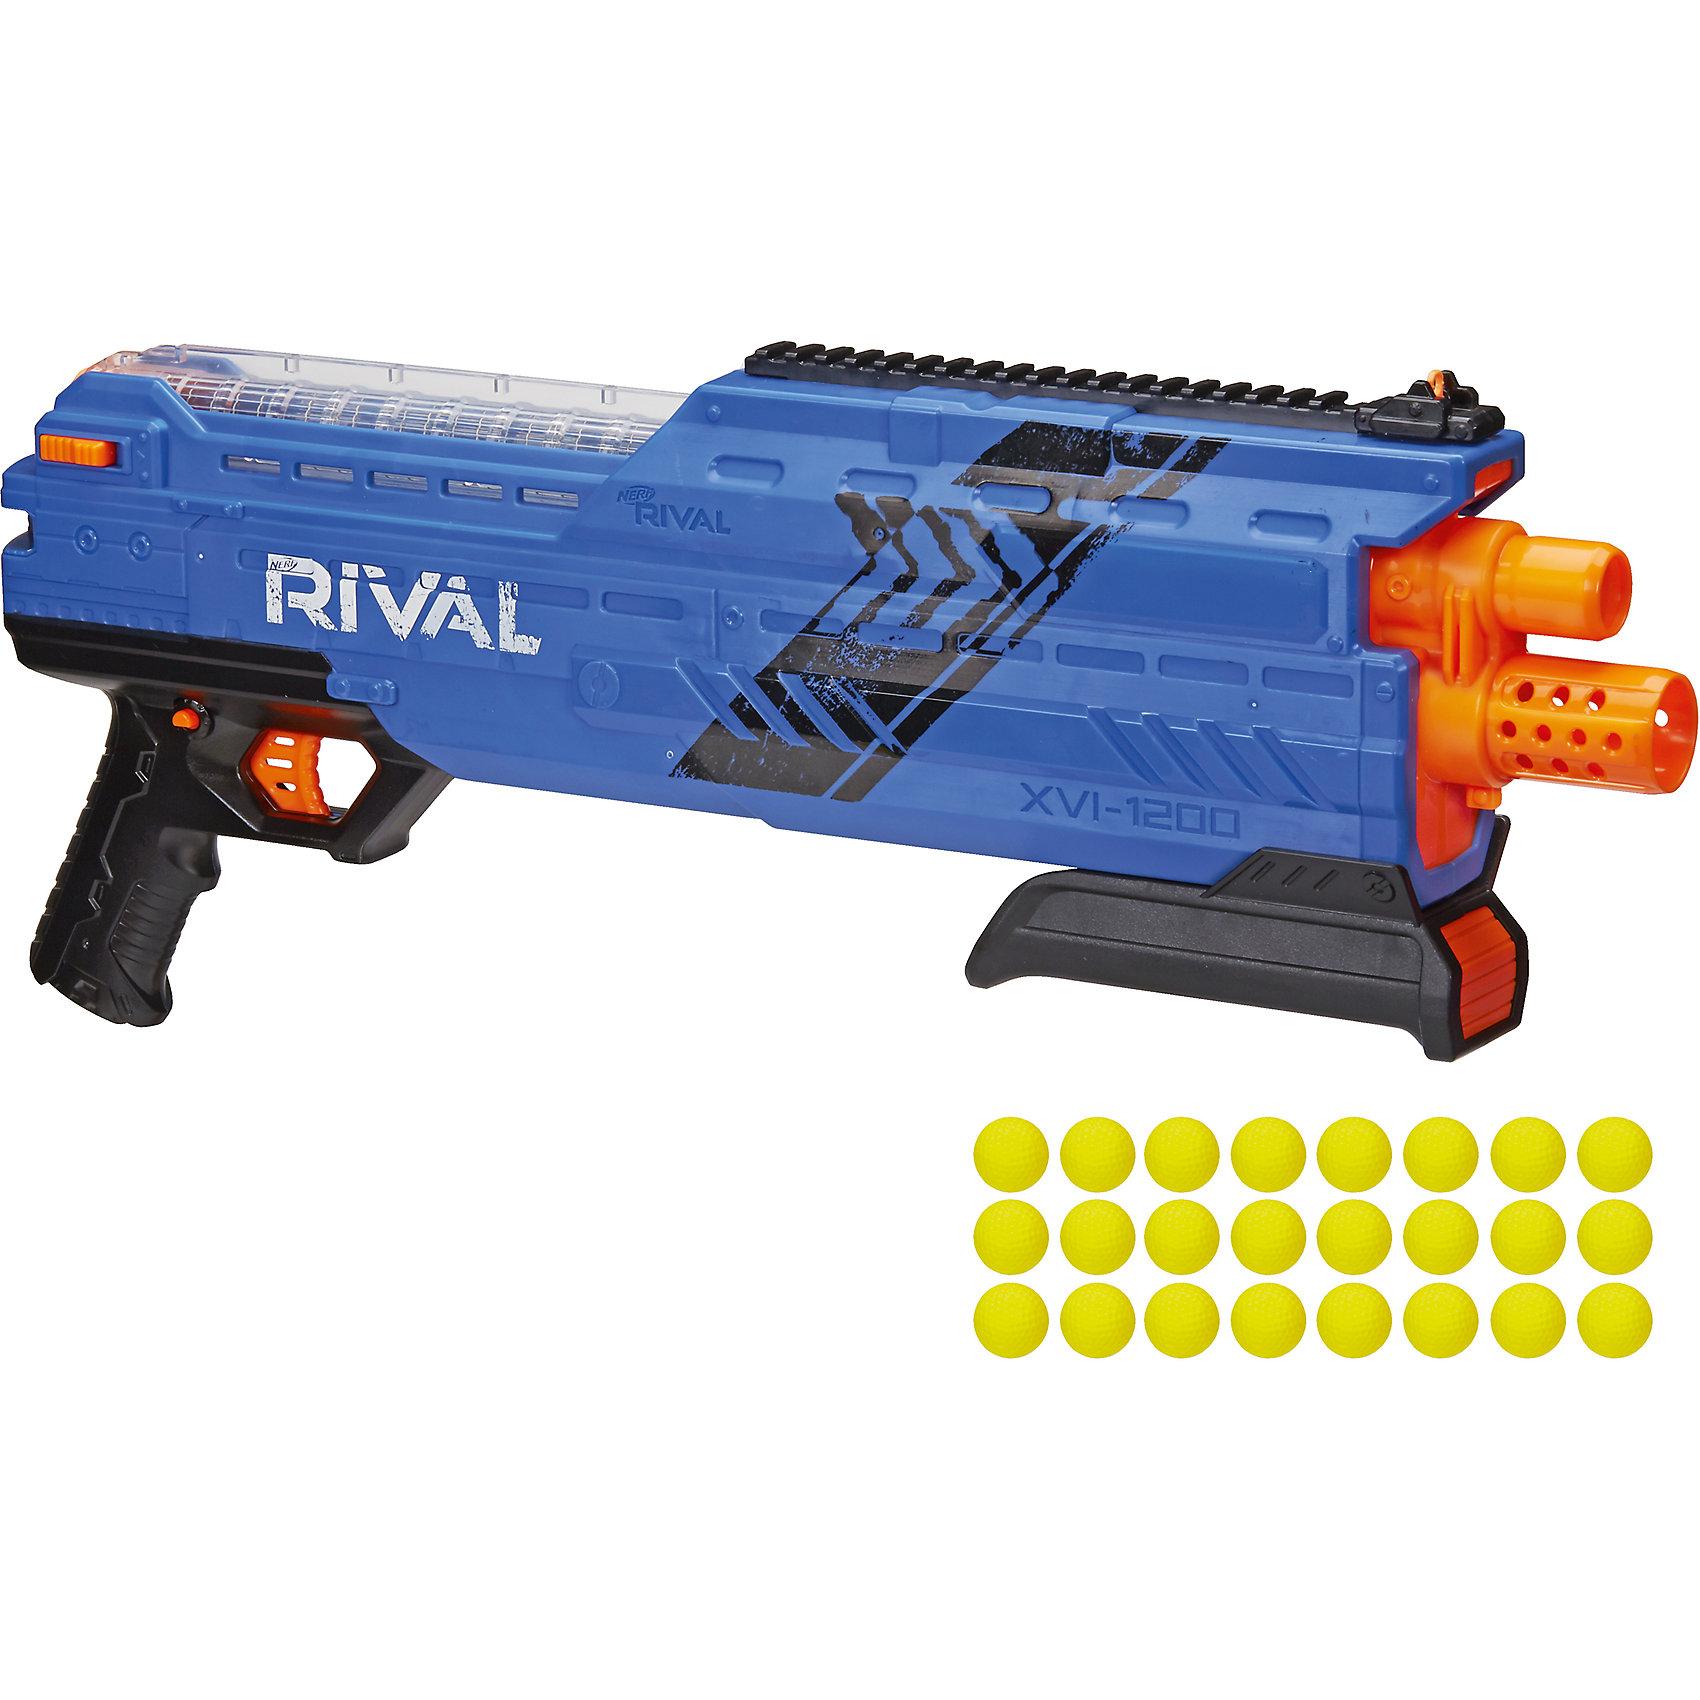 Бластер Райвал атлас, NERF, синийБластеры, пистолеты и прочее<br>Бластер Райвал атлас, NERF (Нерф), синий<br><br>Характеристики:<br><br>• стреляет шариками (входят в комплект)<br>• обойма рассчитана на 12 шариков<br>• в комплекте: бластер, обойма, 24 шарика<br>• материал: пластик<br>• размер упаковки: 66х8,5х25,5 см<br>• вес: 1,6 кг<br>• цвет: синий<br><br>С бластером Райвал атлас можно устроить веселую перестрелку с друзьями! Бластер стреляет шариками. Одна обойма рассчитана на 12 шариков. К бластеру прилагаются 24 шарика. Прозрачный магазин позволит отследить количество патронов и вовремя пополнить боезапас. Бластер выполнен в современном дизайне, напоминающем короткоствольный дробовик. Выстреливает одновременно двумя патронами. С таким крутым бластером у противника не останется шансов на победу!<br><br>Бластер Райвал атлас, NERF (Нерф), синий можно купить в нашем интернет-магазине.<br><br>Ширина мм: 460<br>Глубина мм: 120<br>Высота мм: 220<br>Вес г: 1600<br>Возраст от месяцев: 168<br>Возраст до месяцев: 2147483647<br>Пол: Мужской<br>Возраст: Детский<br>SKU: 5512440